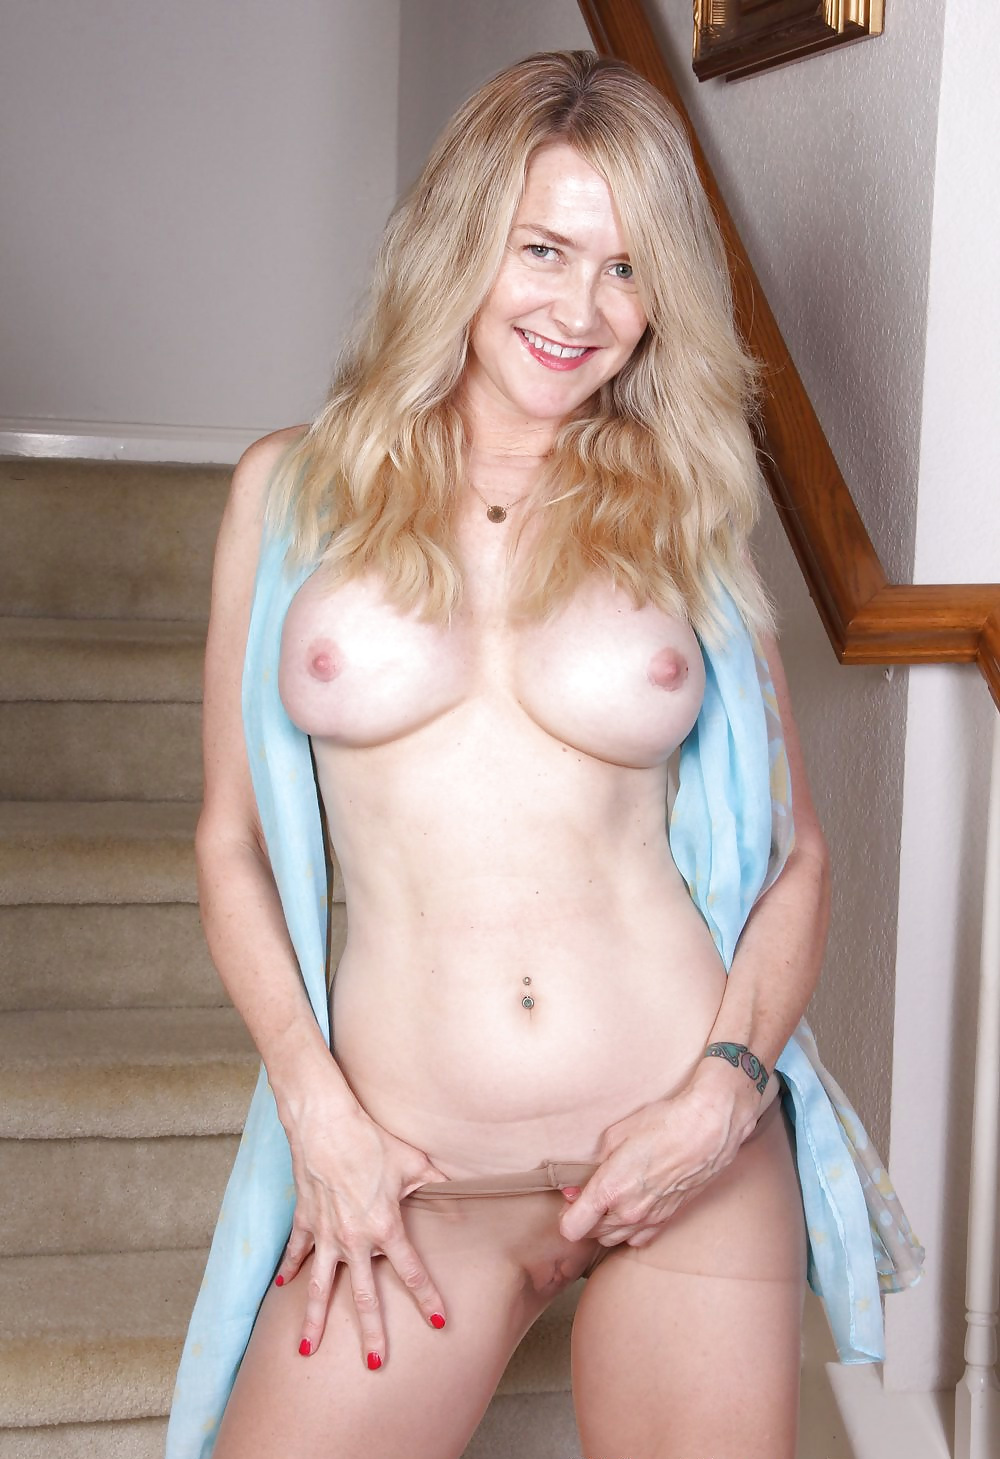 maman sex du 26 en photo porno